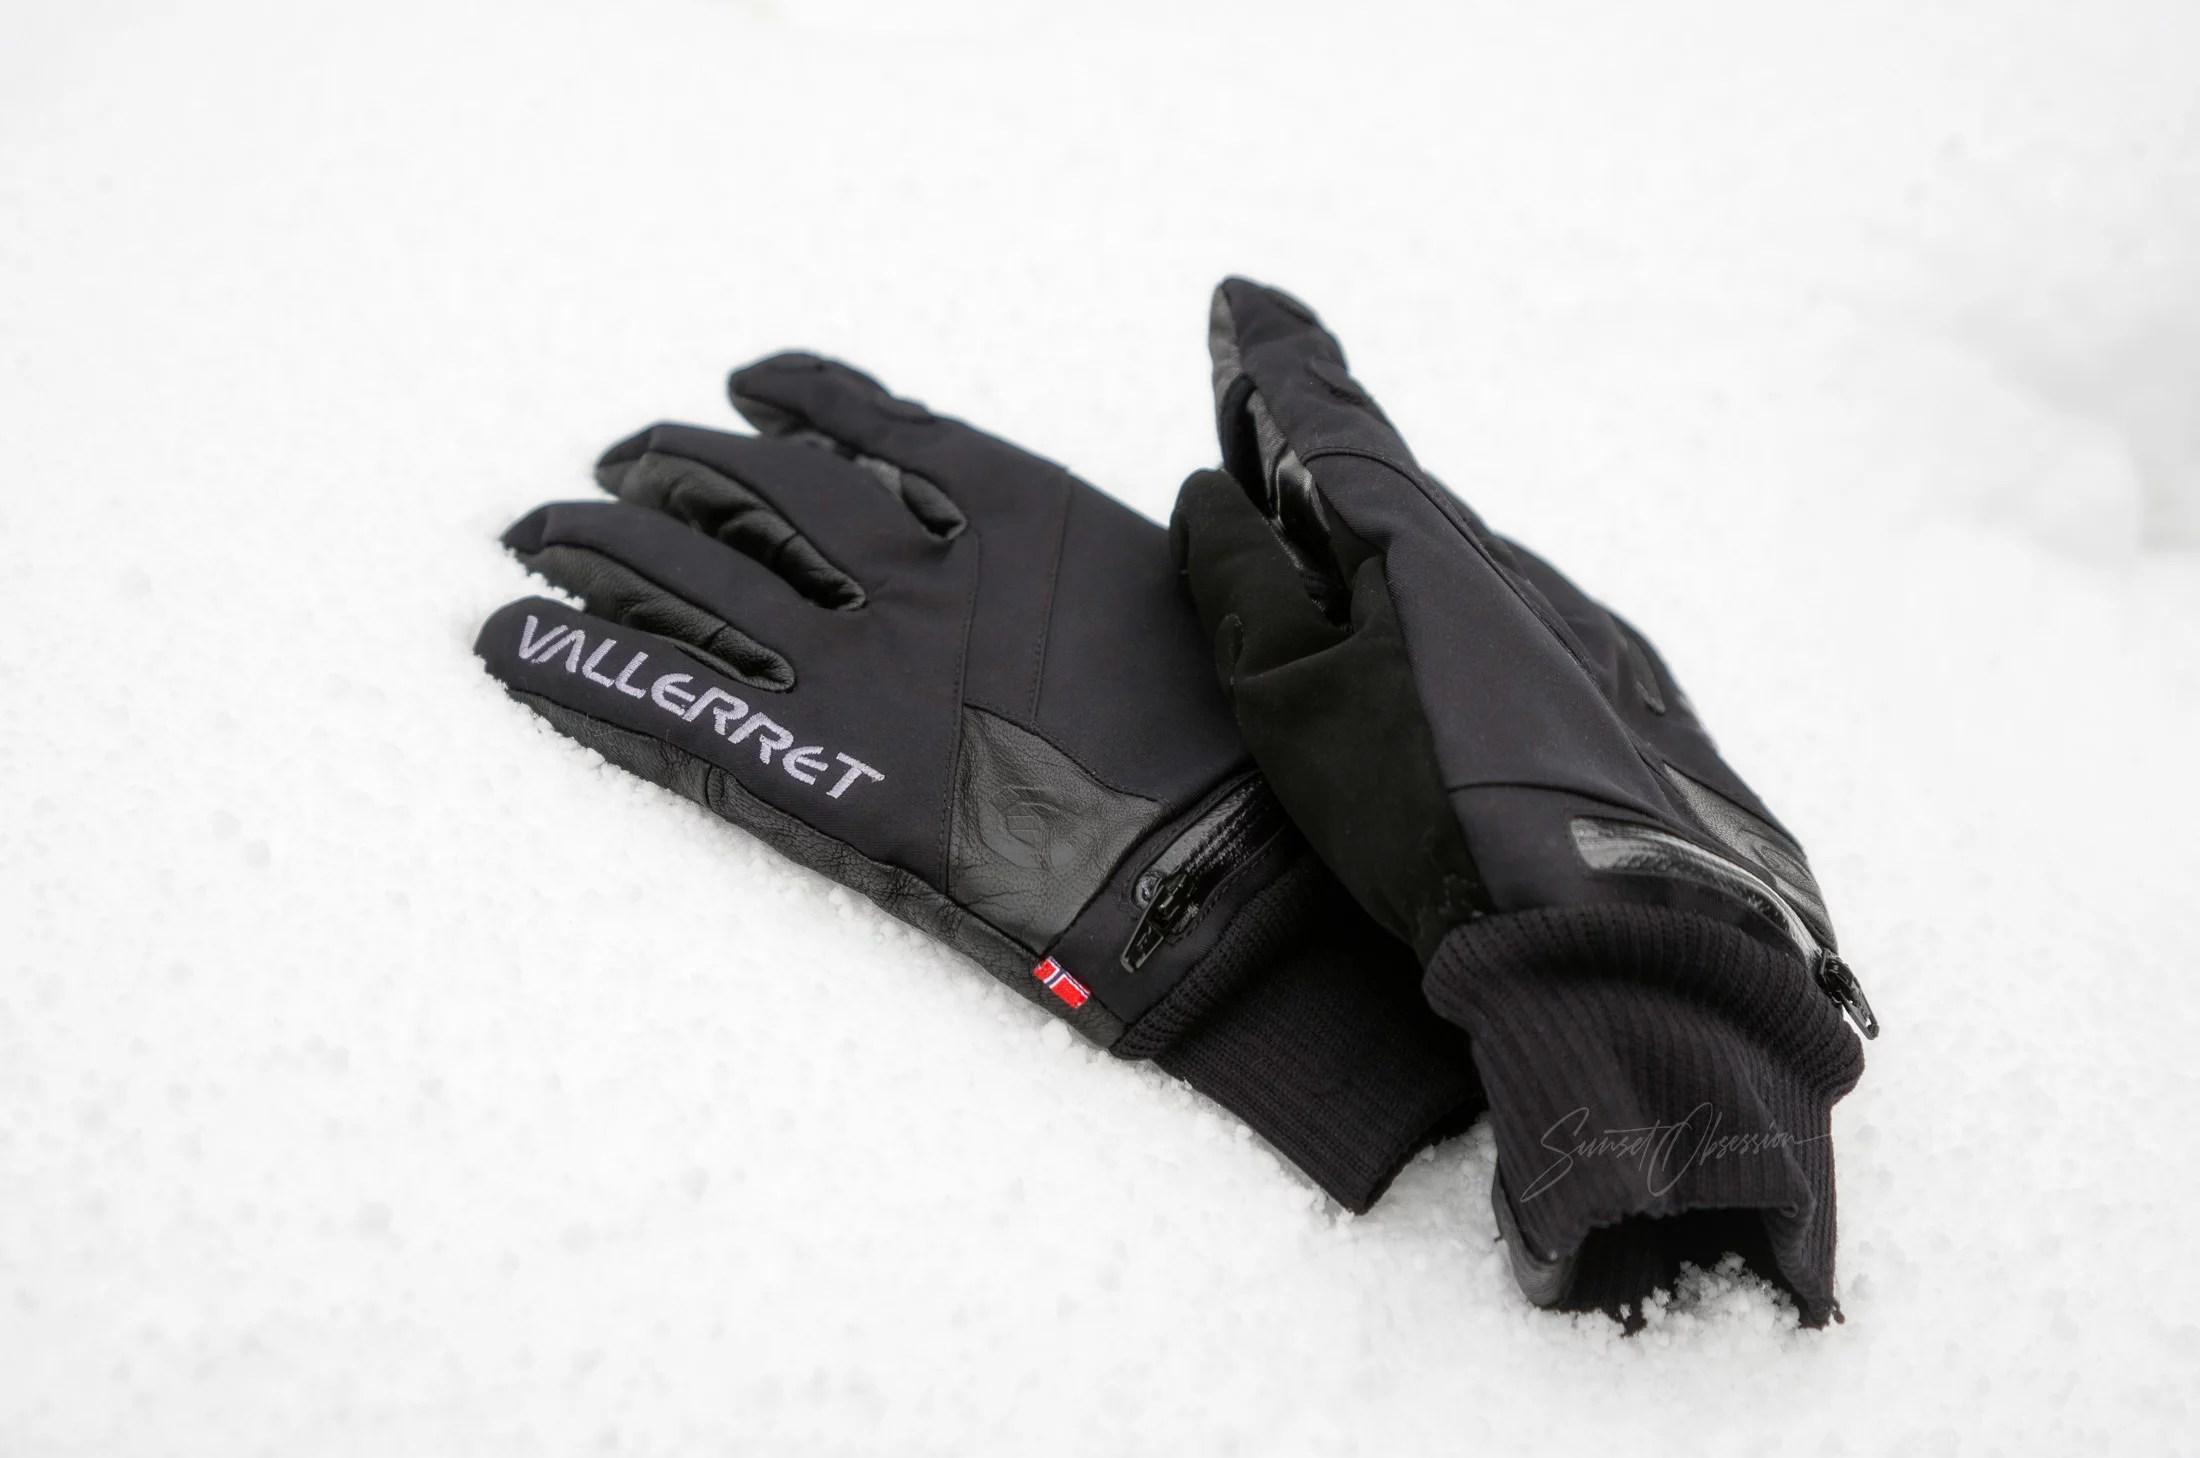 Перчатки для фотографов Vallerret Ipsoot в снегу